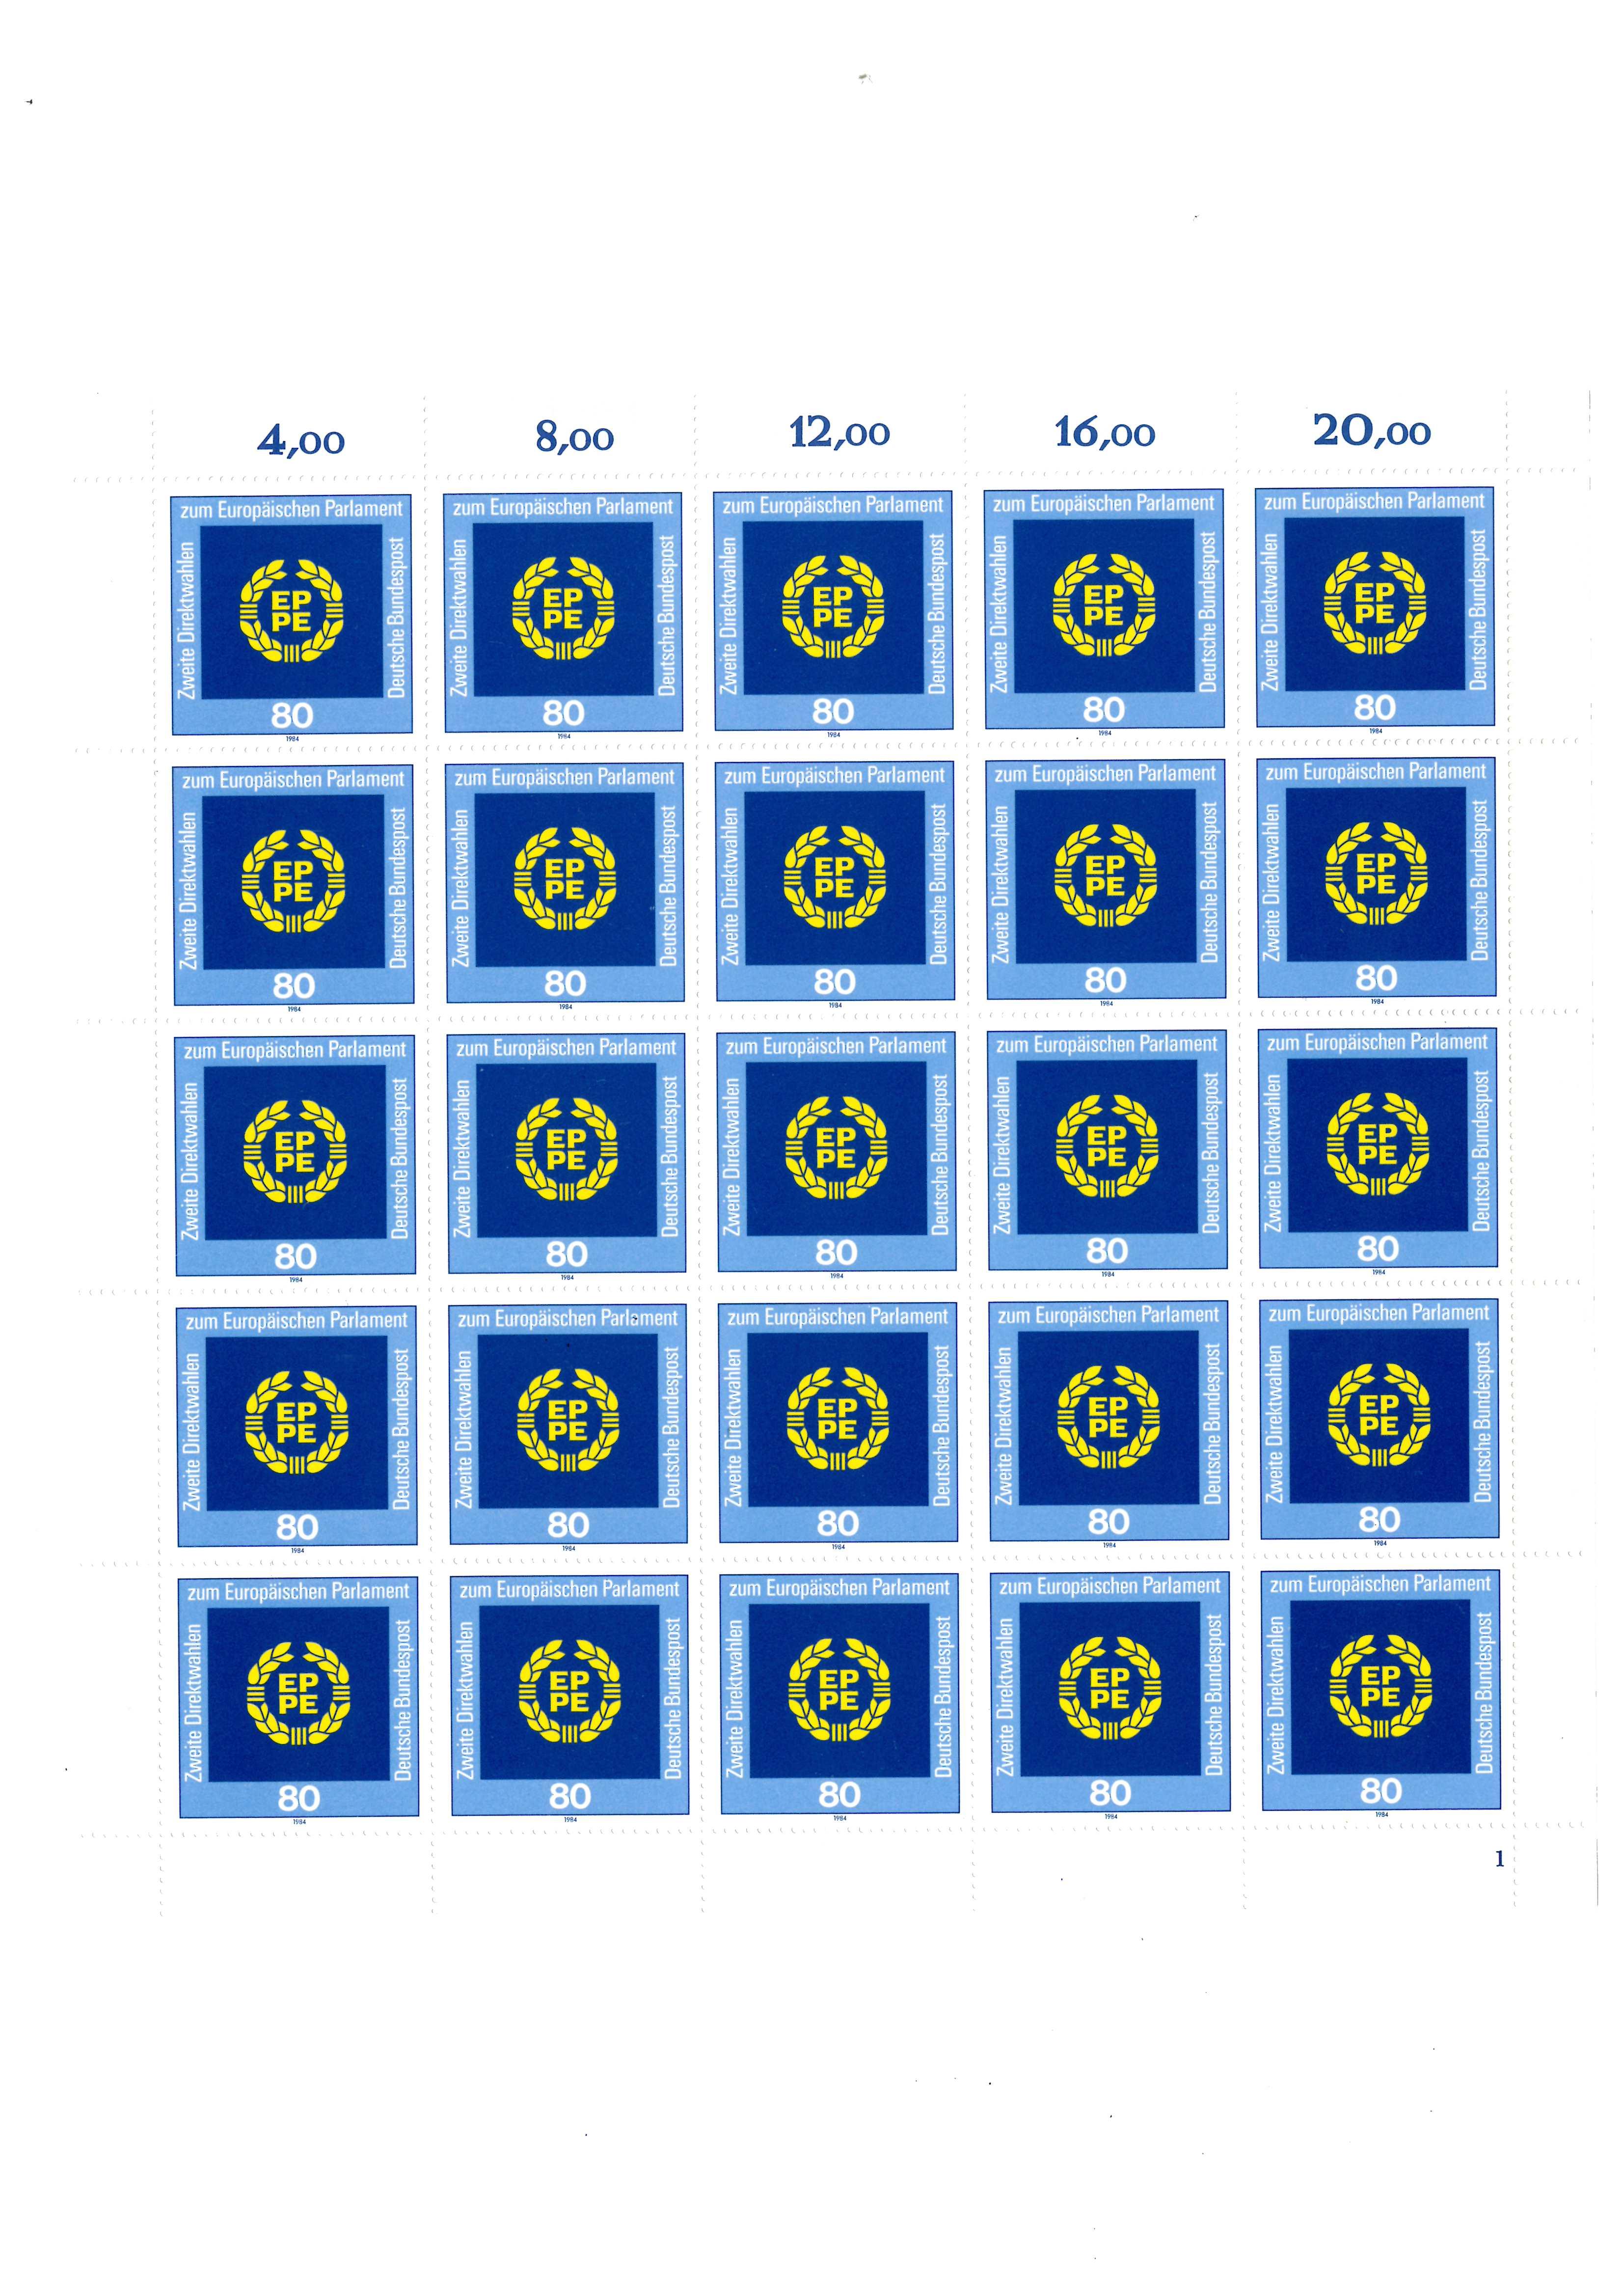 1209 Direktwahl zum Europaparlament, kompletter 25er-Bogen mit FN 1 ** - Schwalmtal, Deutschland - 1209 Direktwahl zum Europaparlament, kompletter 25er-Bogen mit FN 1 ** - Schwalmtal, Deutschland